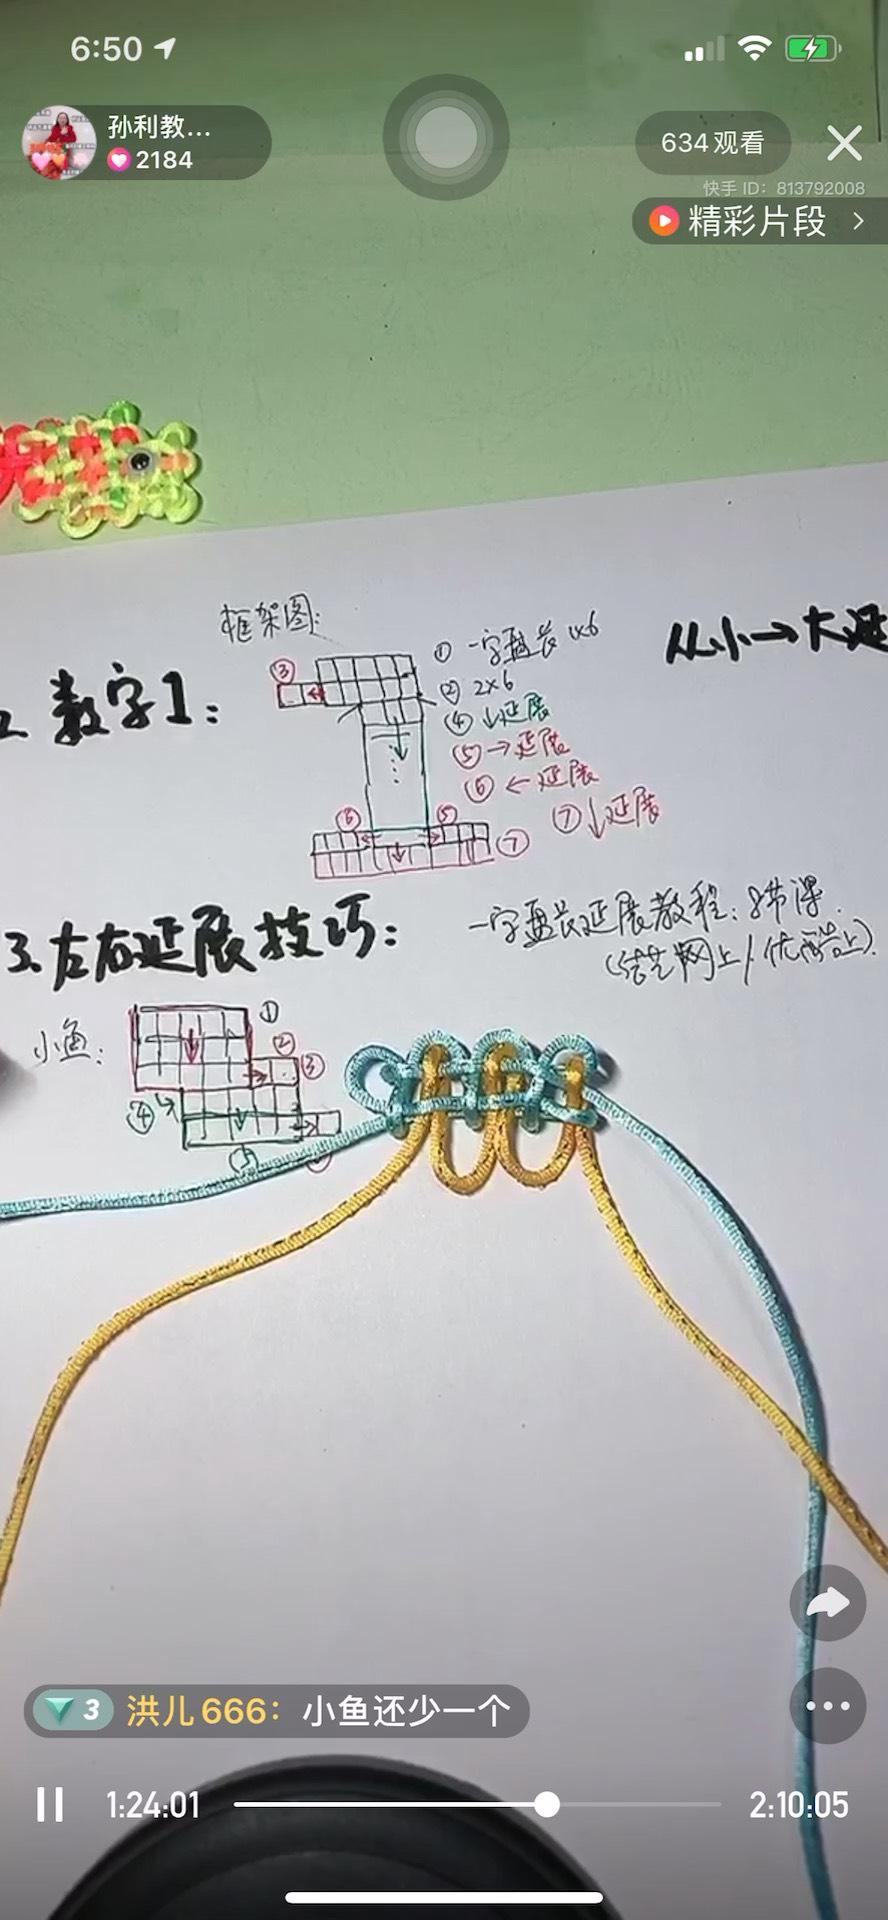 中国结论坛 最新推荐~推广~架构式盘长新编法 适合小学生编的中国结,一步一步教你编中国结,复翼宝结的打法图解,十二道盘长结编法口诀 图文教程区 165257dj7fp5i8cilnzizv